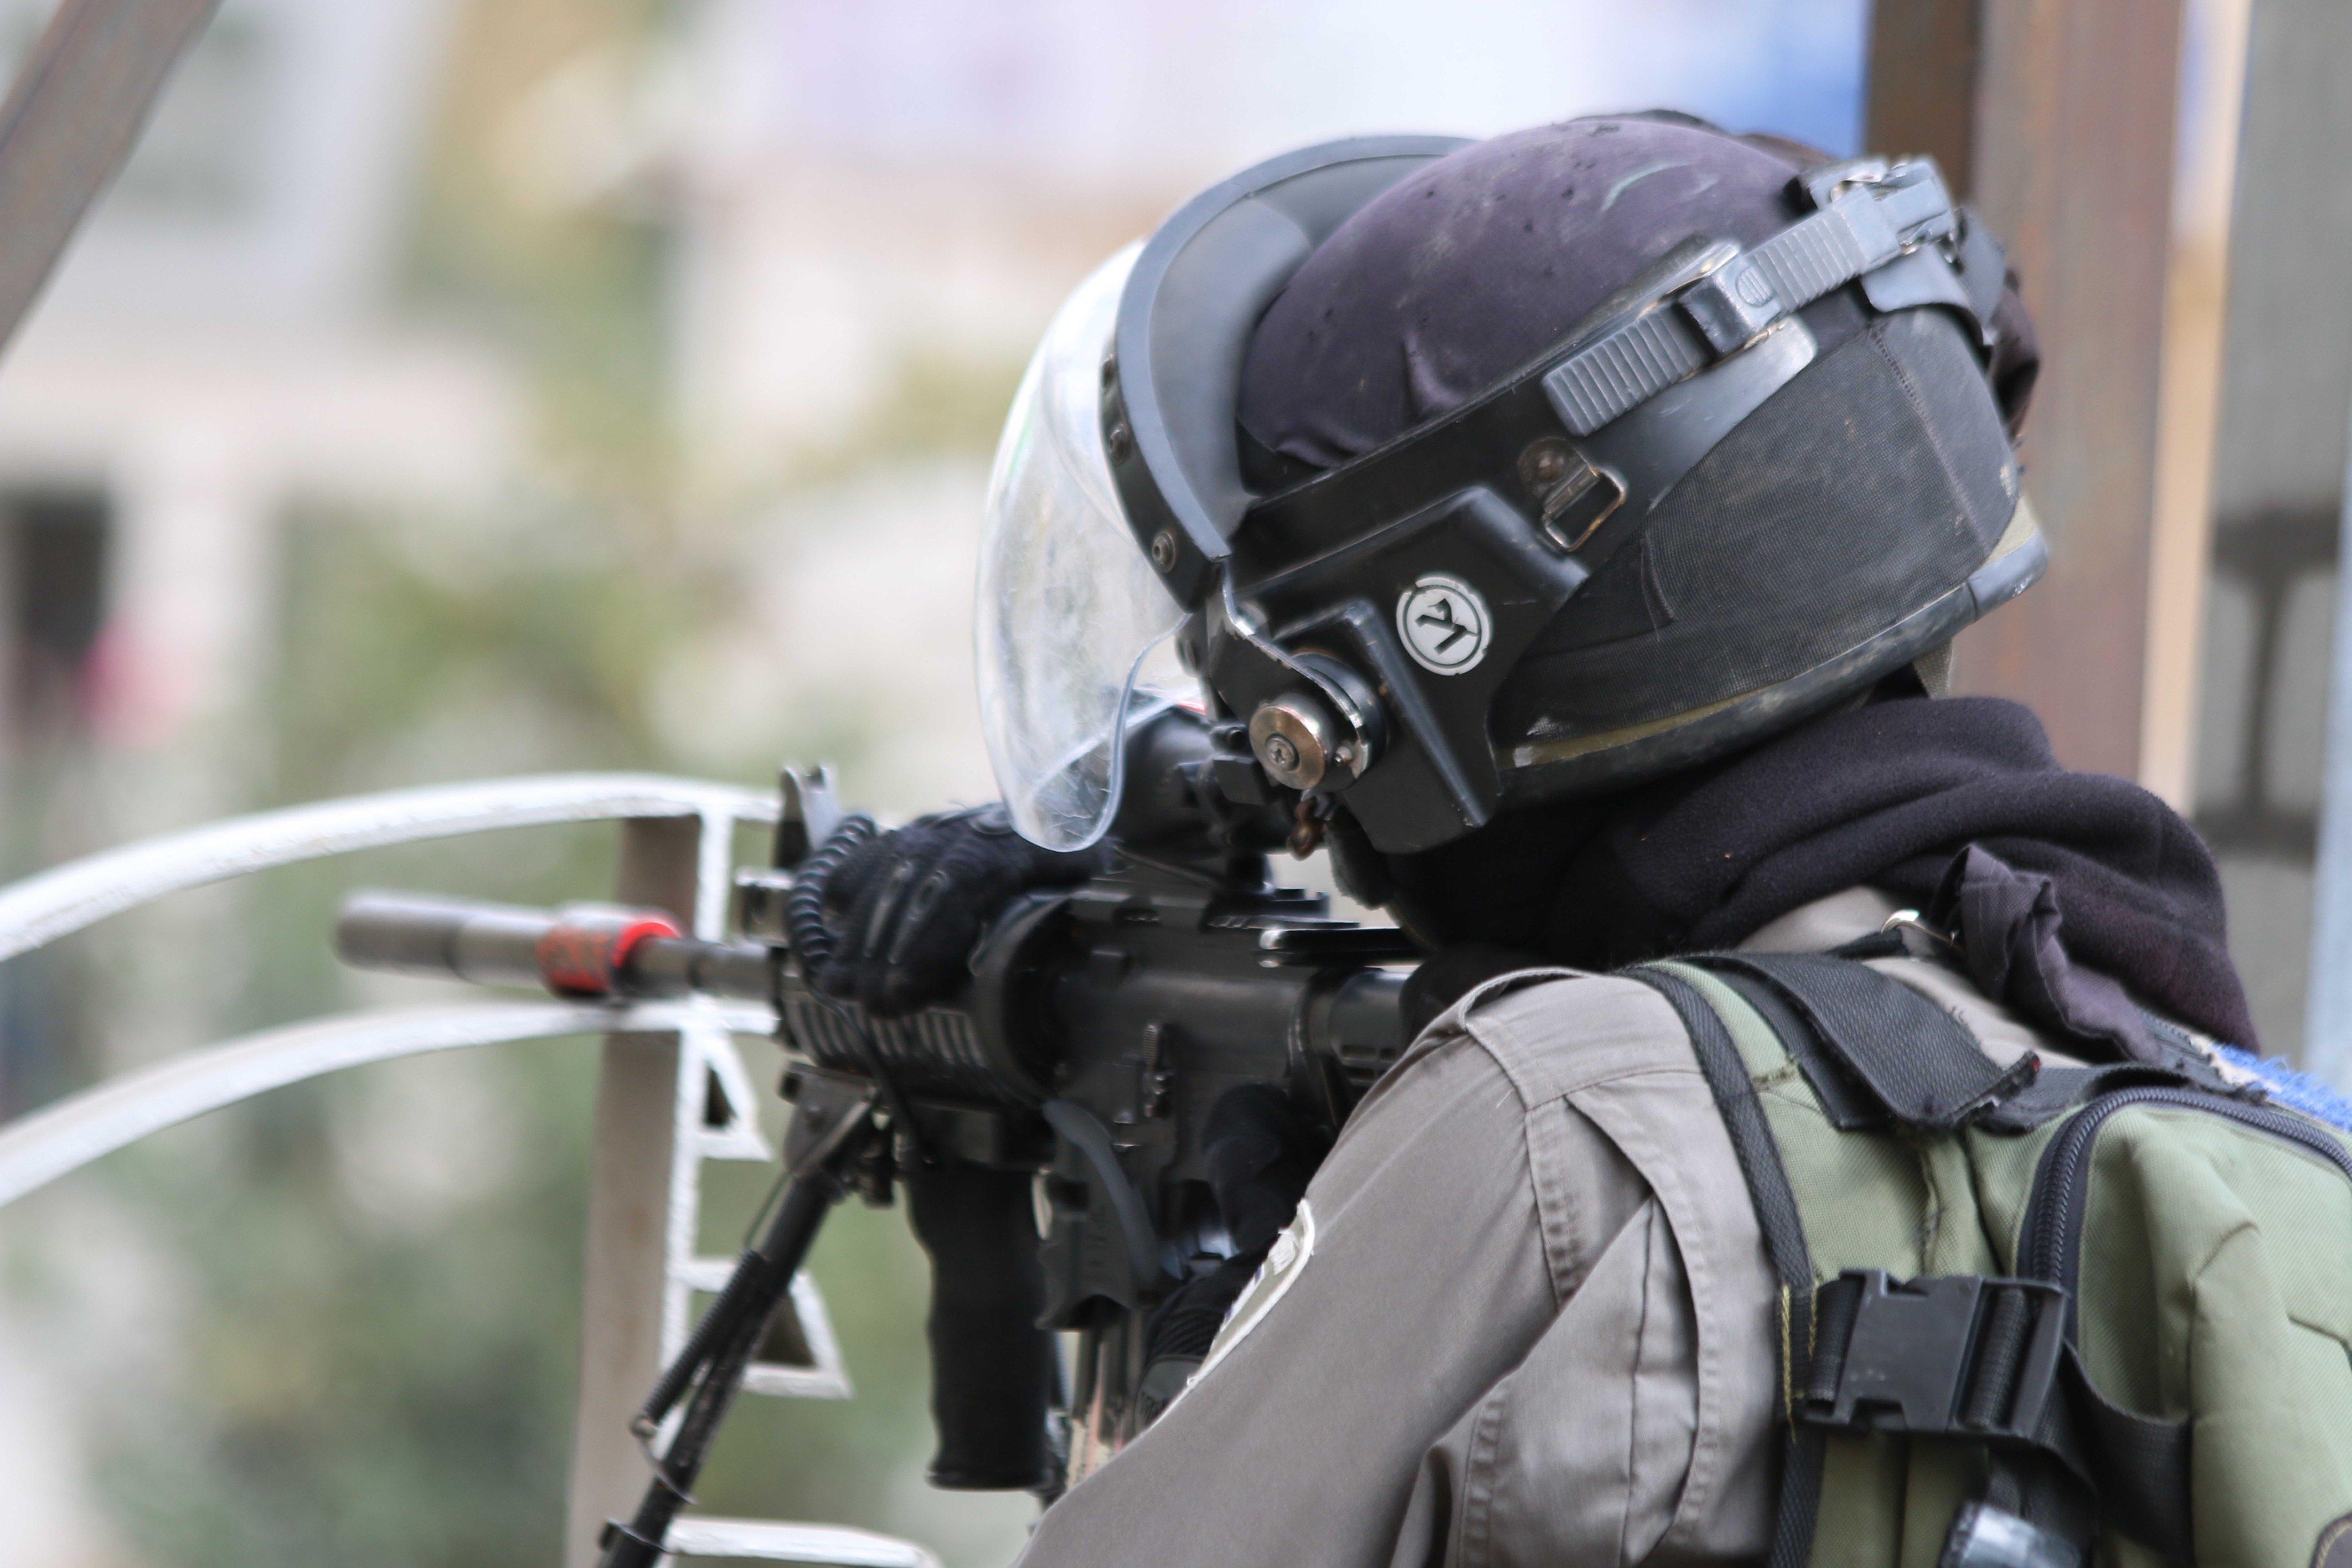 Βίντεο που τράβηξε ισραηλινός ελεύθερος σκοπευτής καθώς πυροβολεί στο κεφάλι άοπλο Παλαιστίνιο προκαλεί